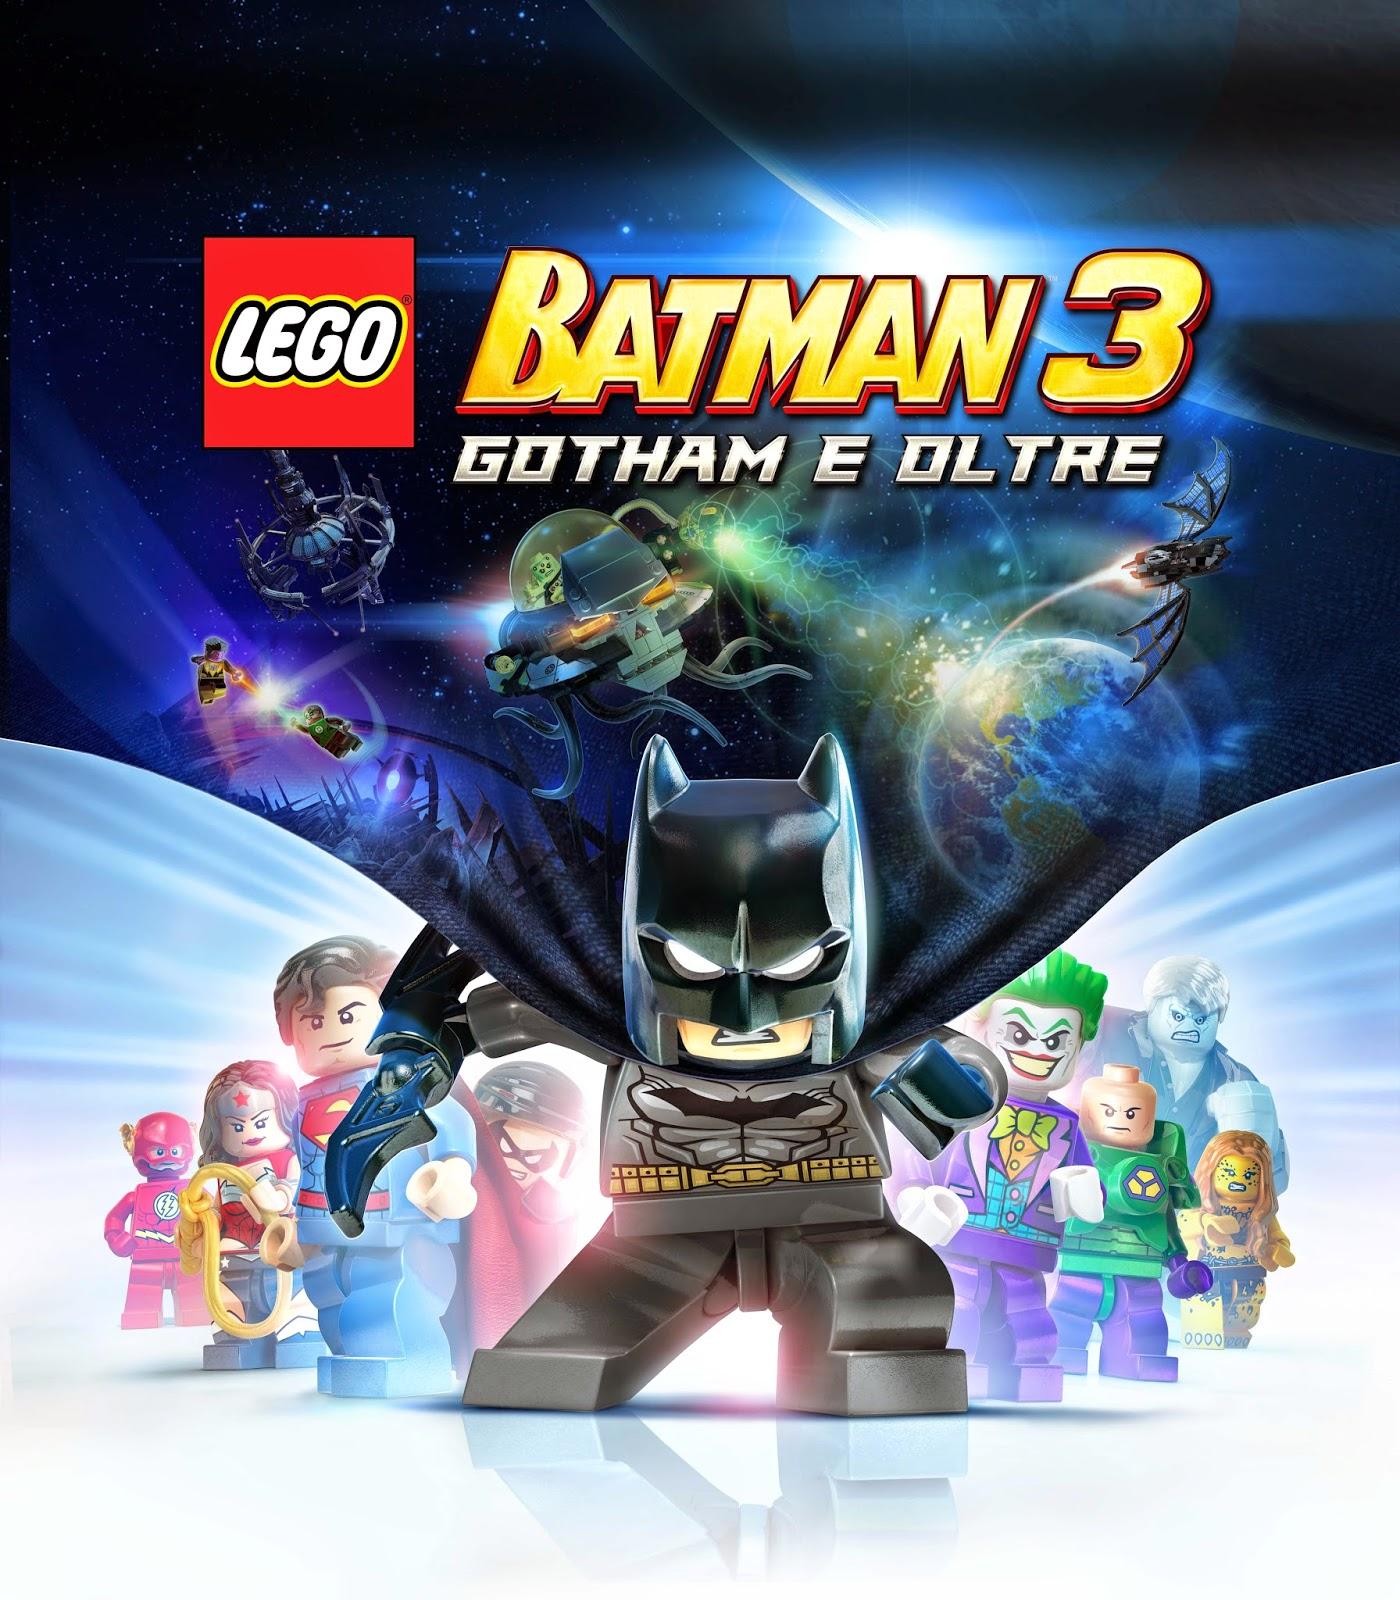 LEGO BATMAN 3: GOTHAM E OLTRE, RECENSIONE DEL VIDEOGIOCO DEDICATO AL CAVALIERE OSCURO